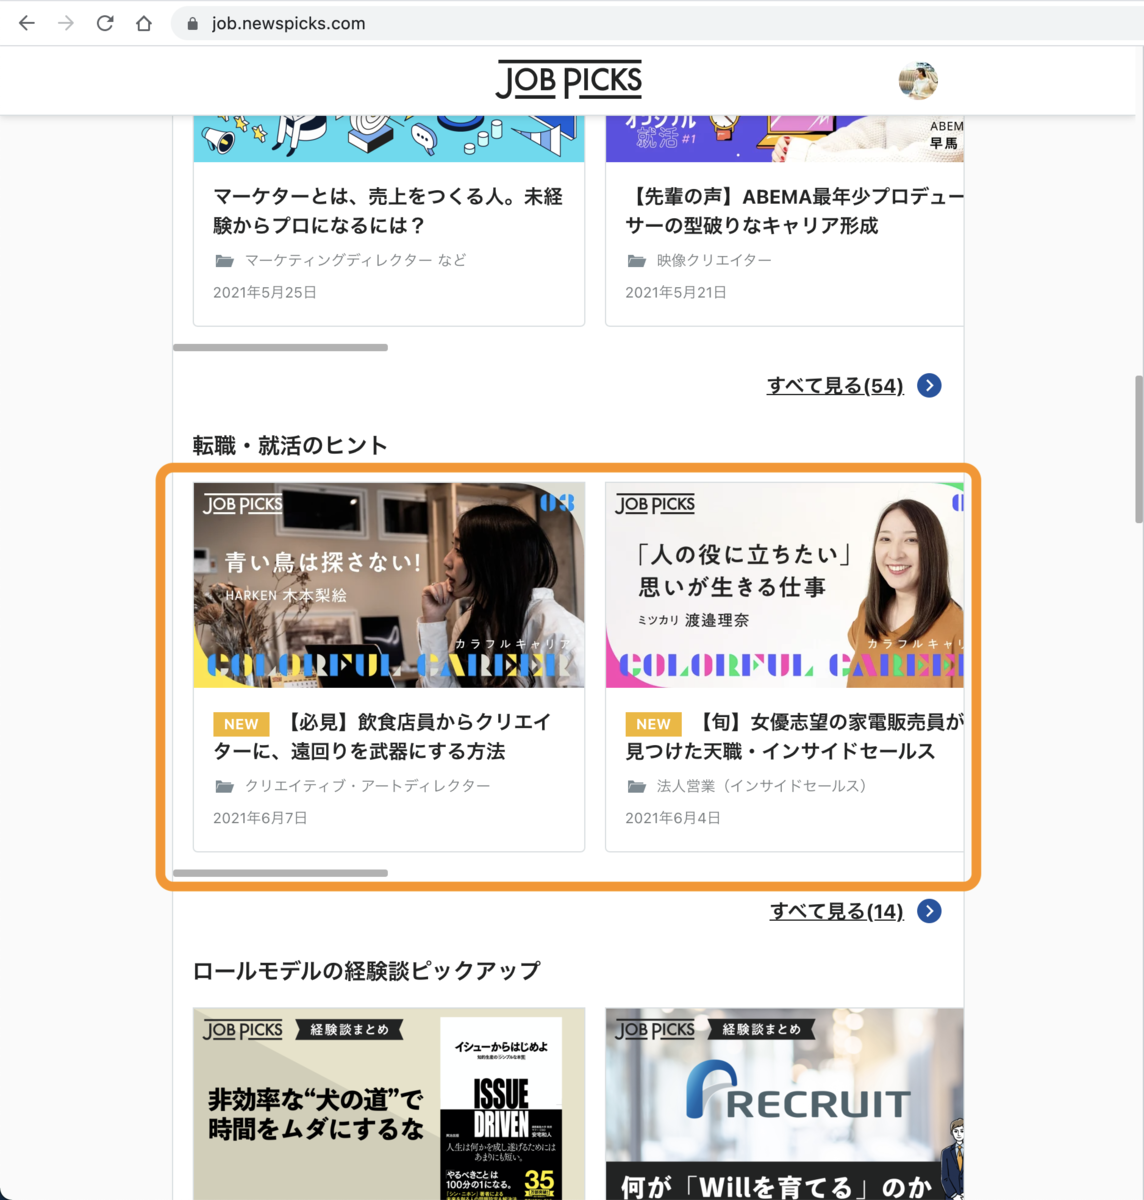 JobPicks 内にある「転職・就活のヒント」セクション。横スクロールで JobPicks の記事が掲載されています。